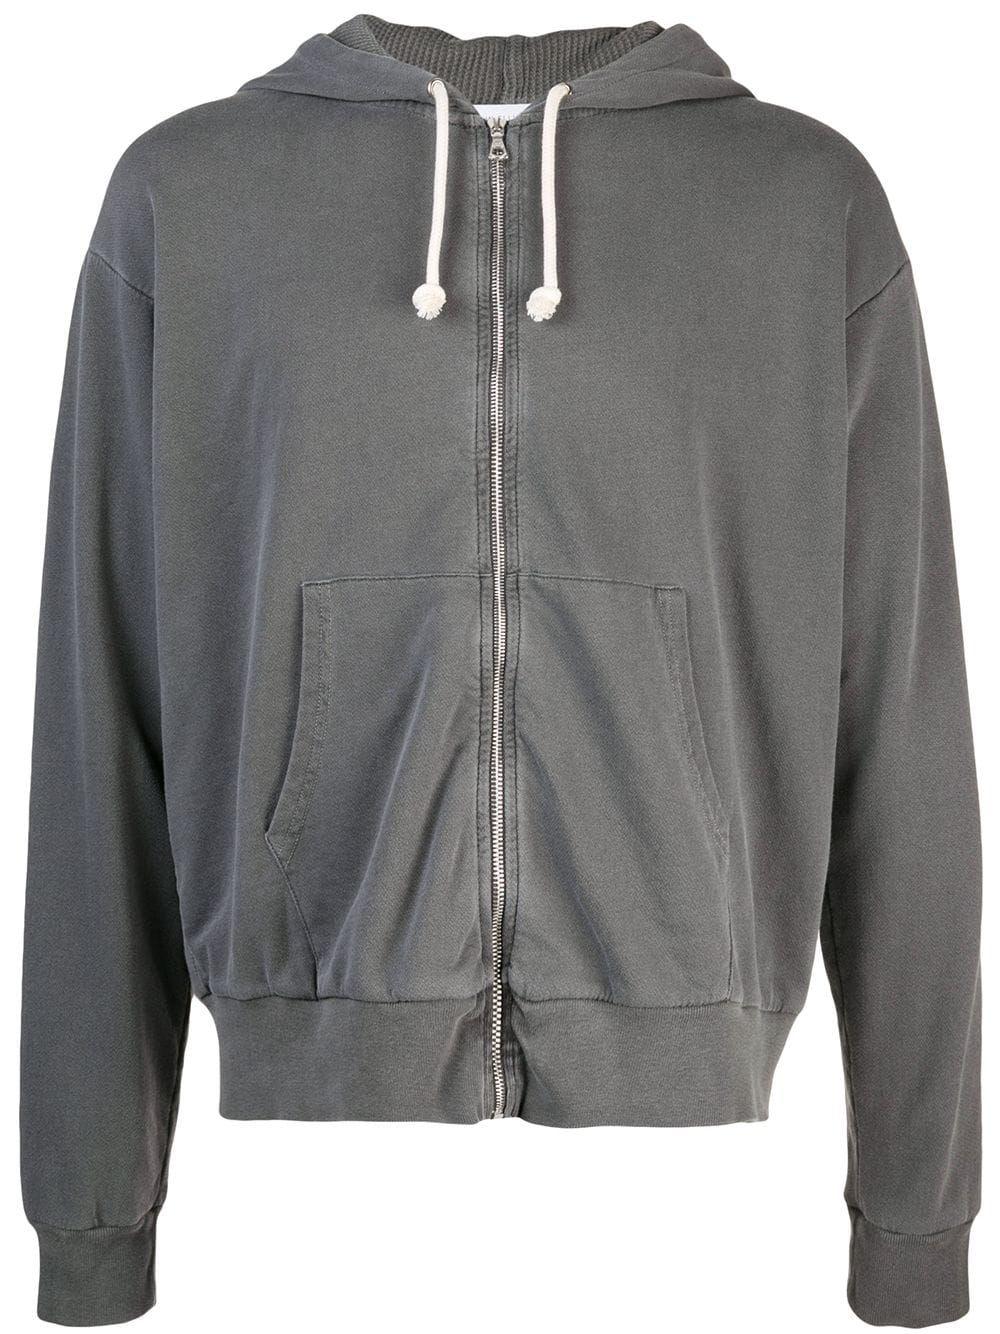 John Elliott Zipped Up Hoodie Grey Grey Hoodie Zip Ups Hoodies